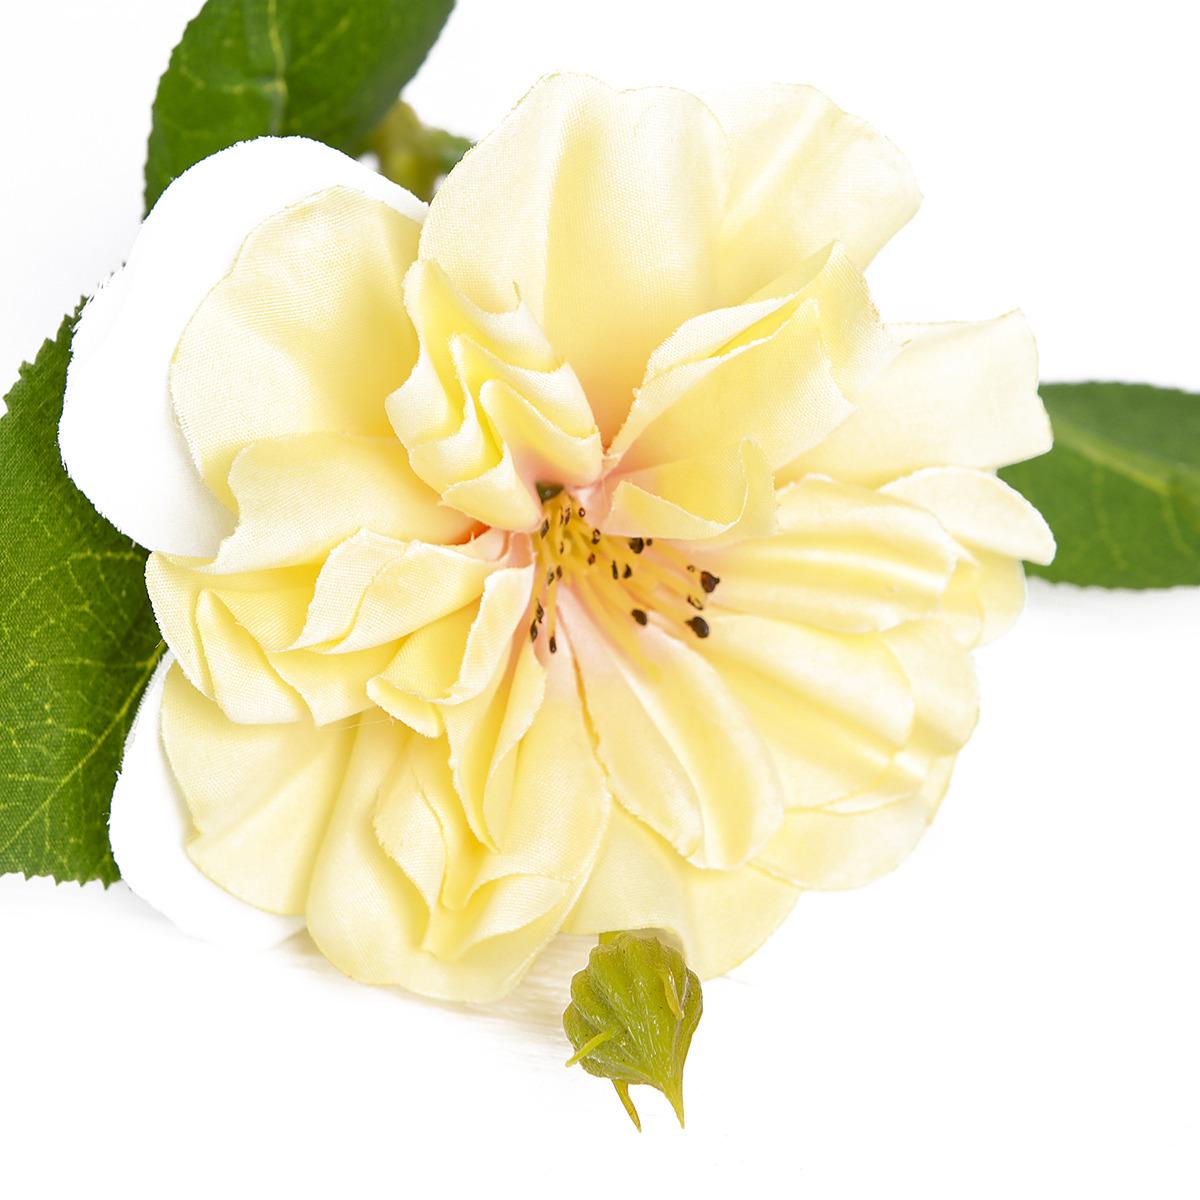 Где купить цветы шиповника в москве